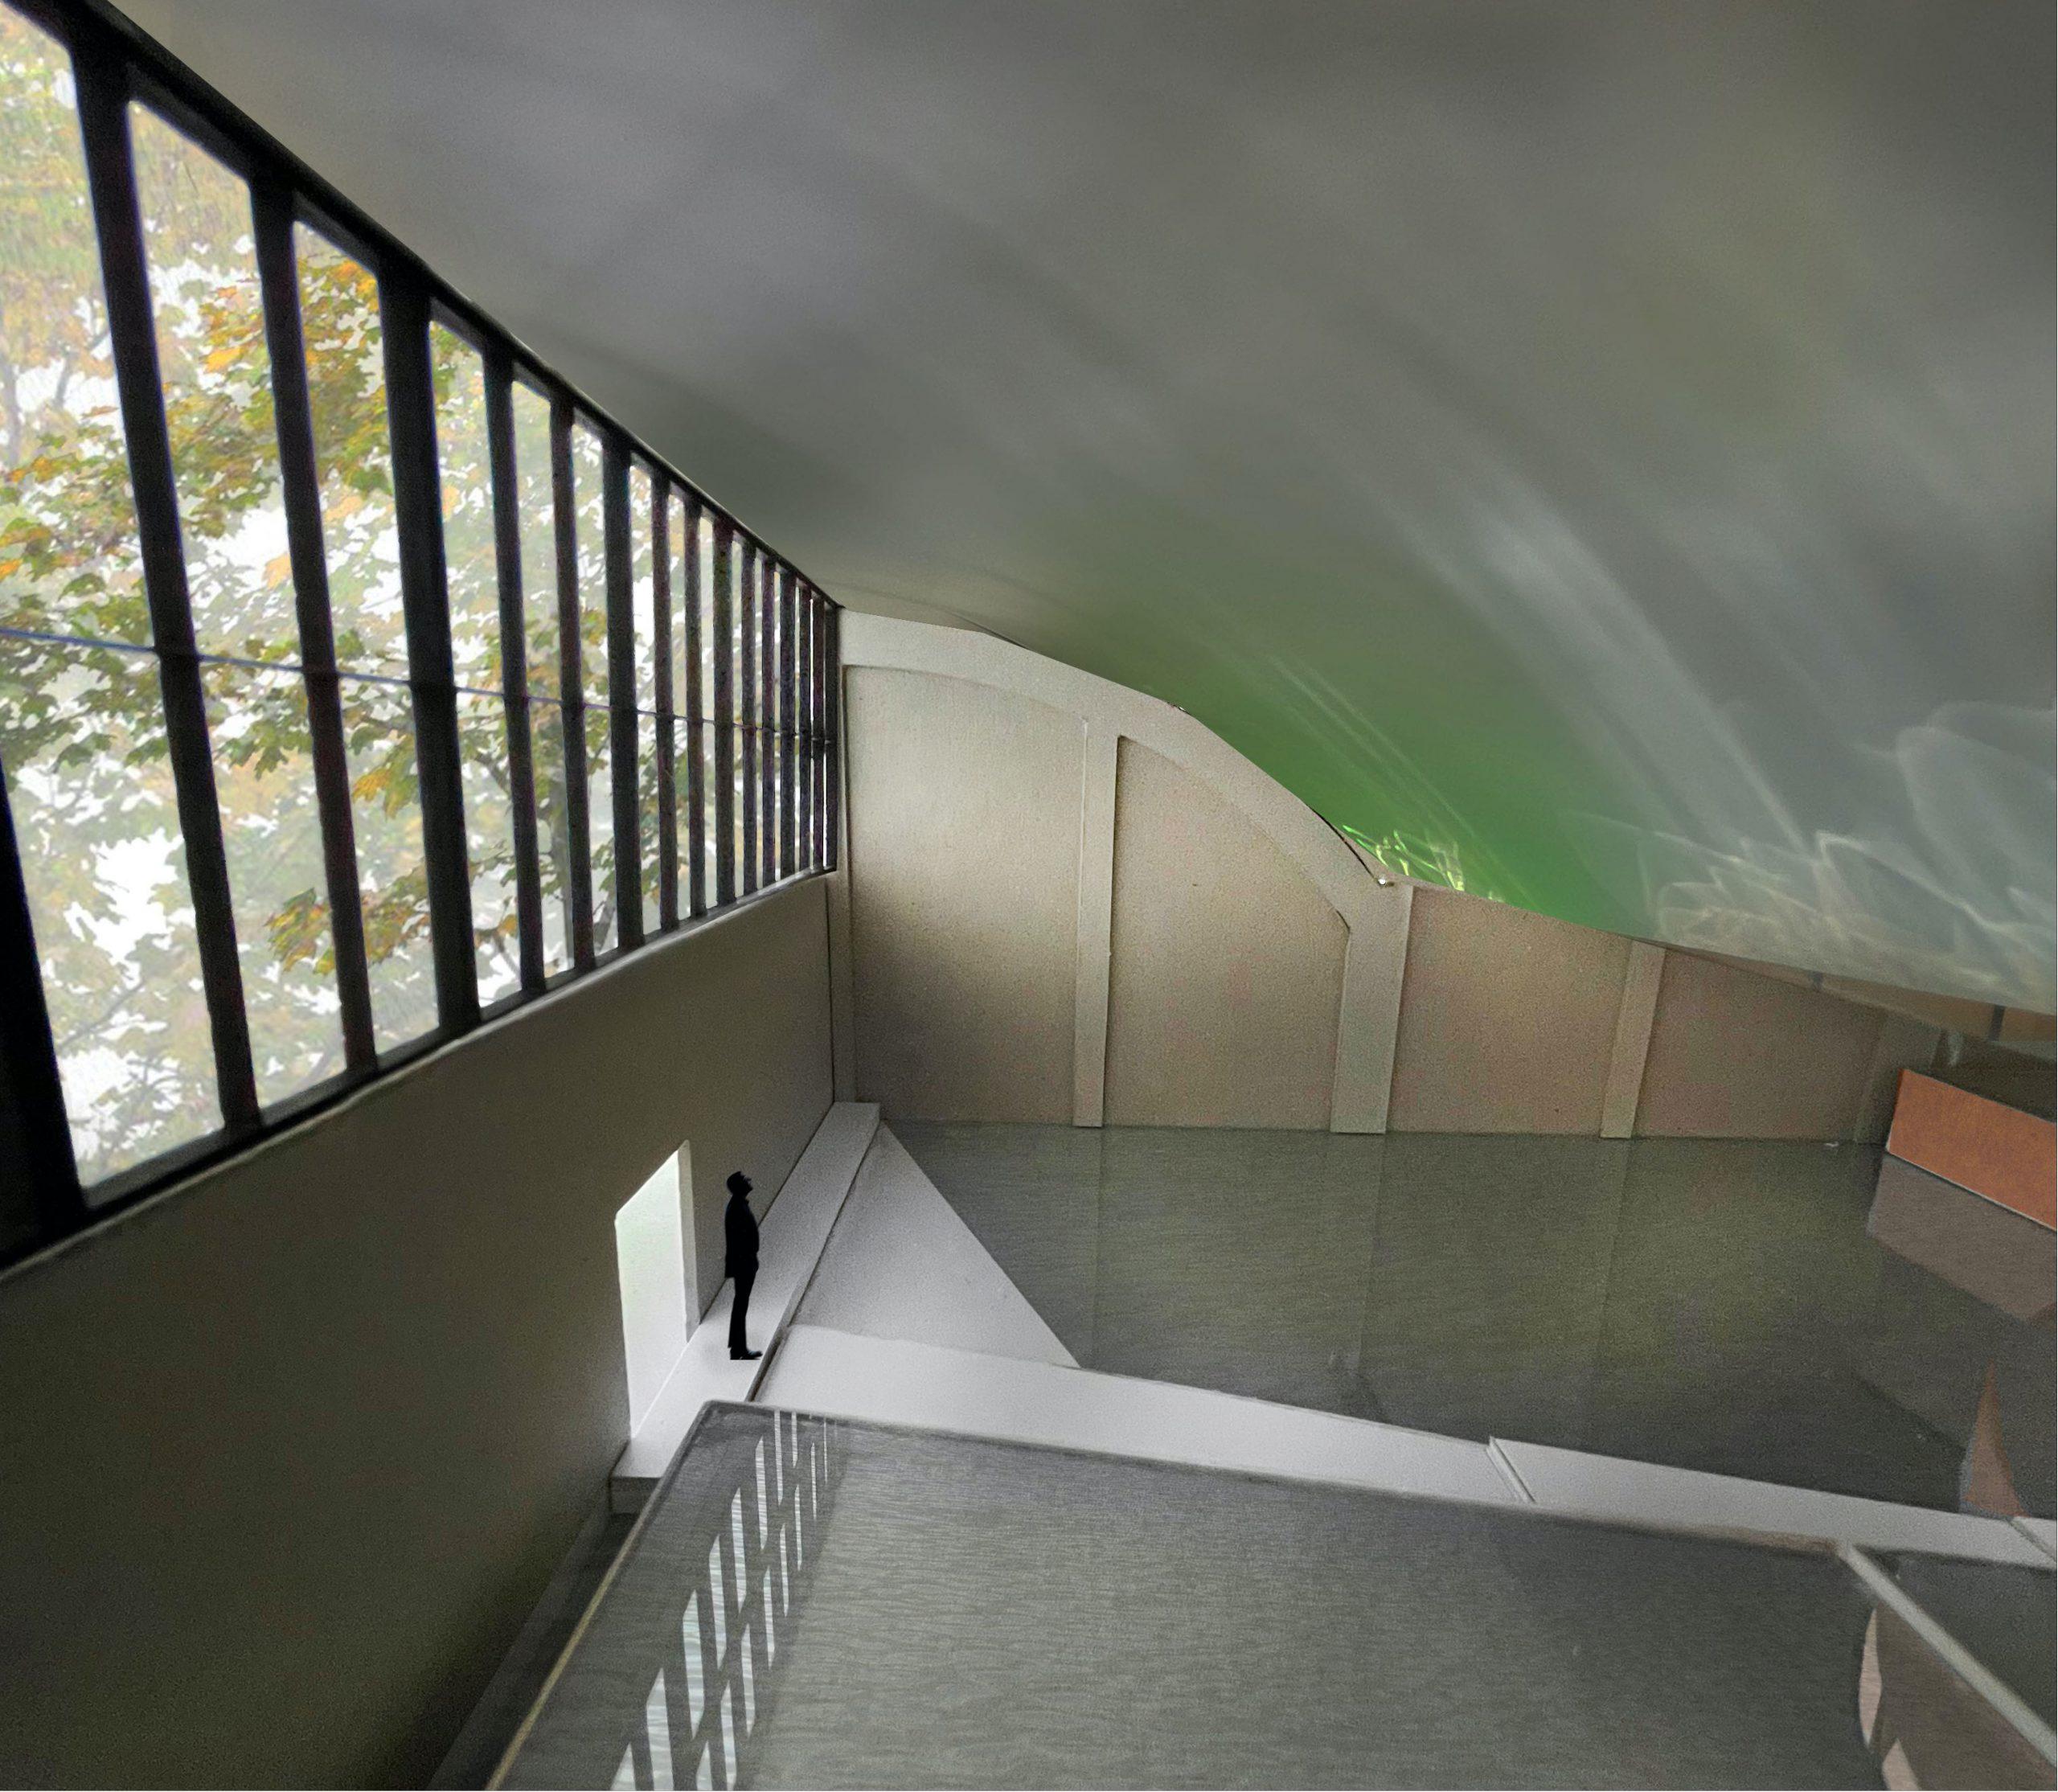 https://www.studiobregje.nl/wp-content/uploads/2019/02/Afbeelding-A-scaled.jpg